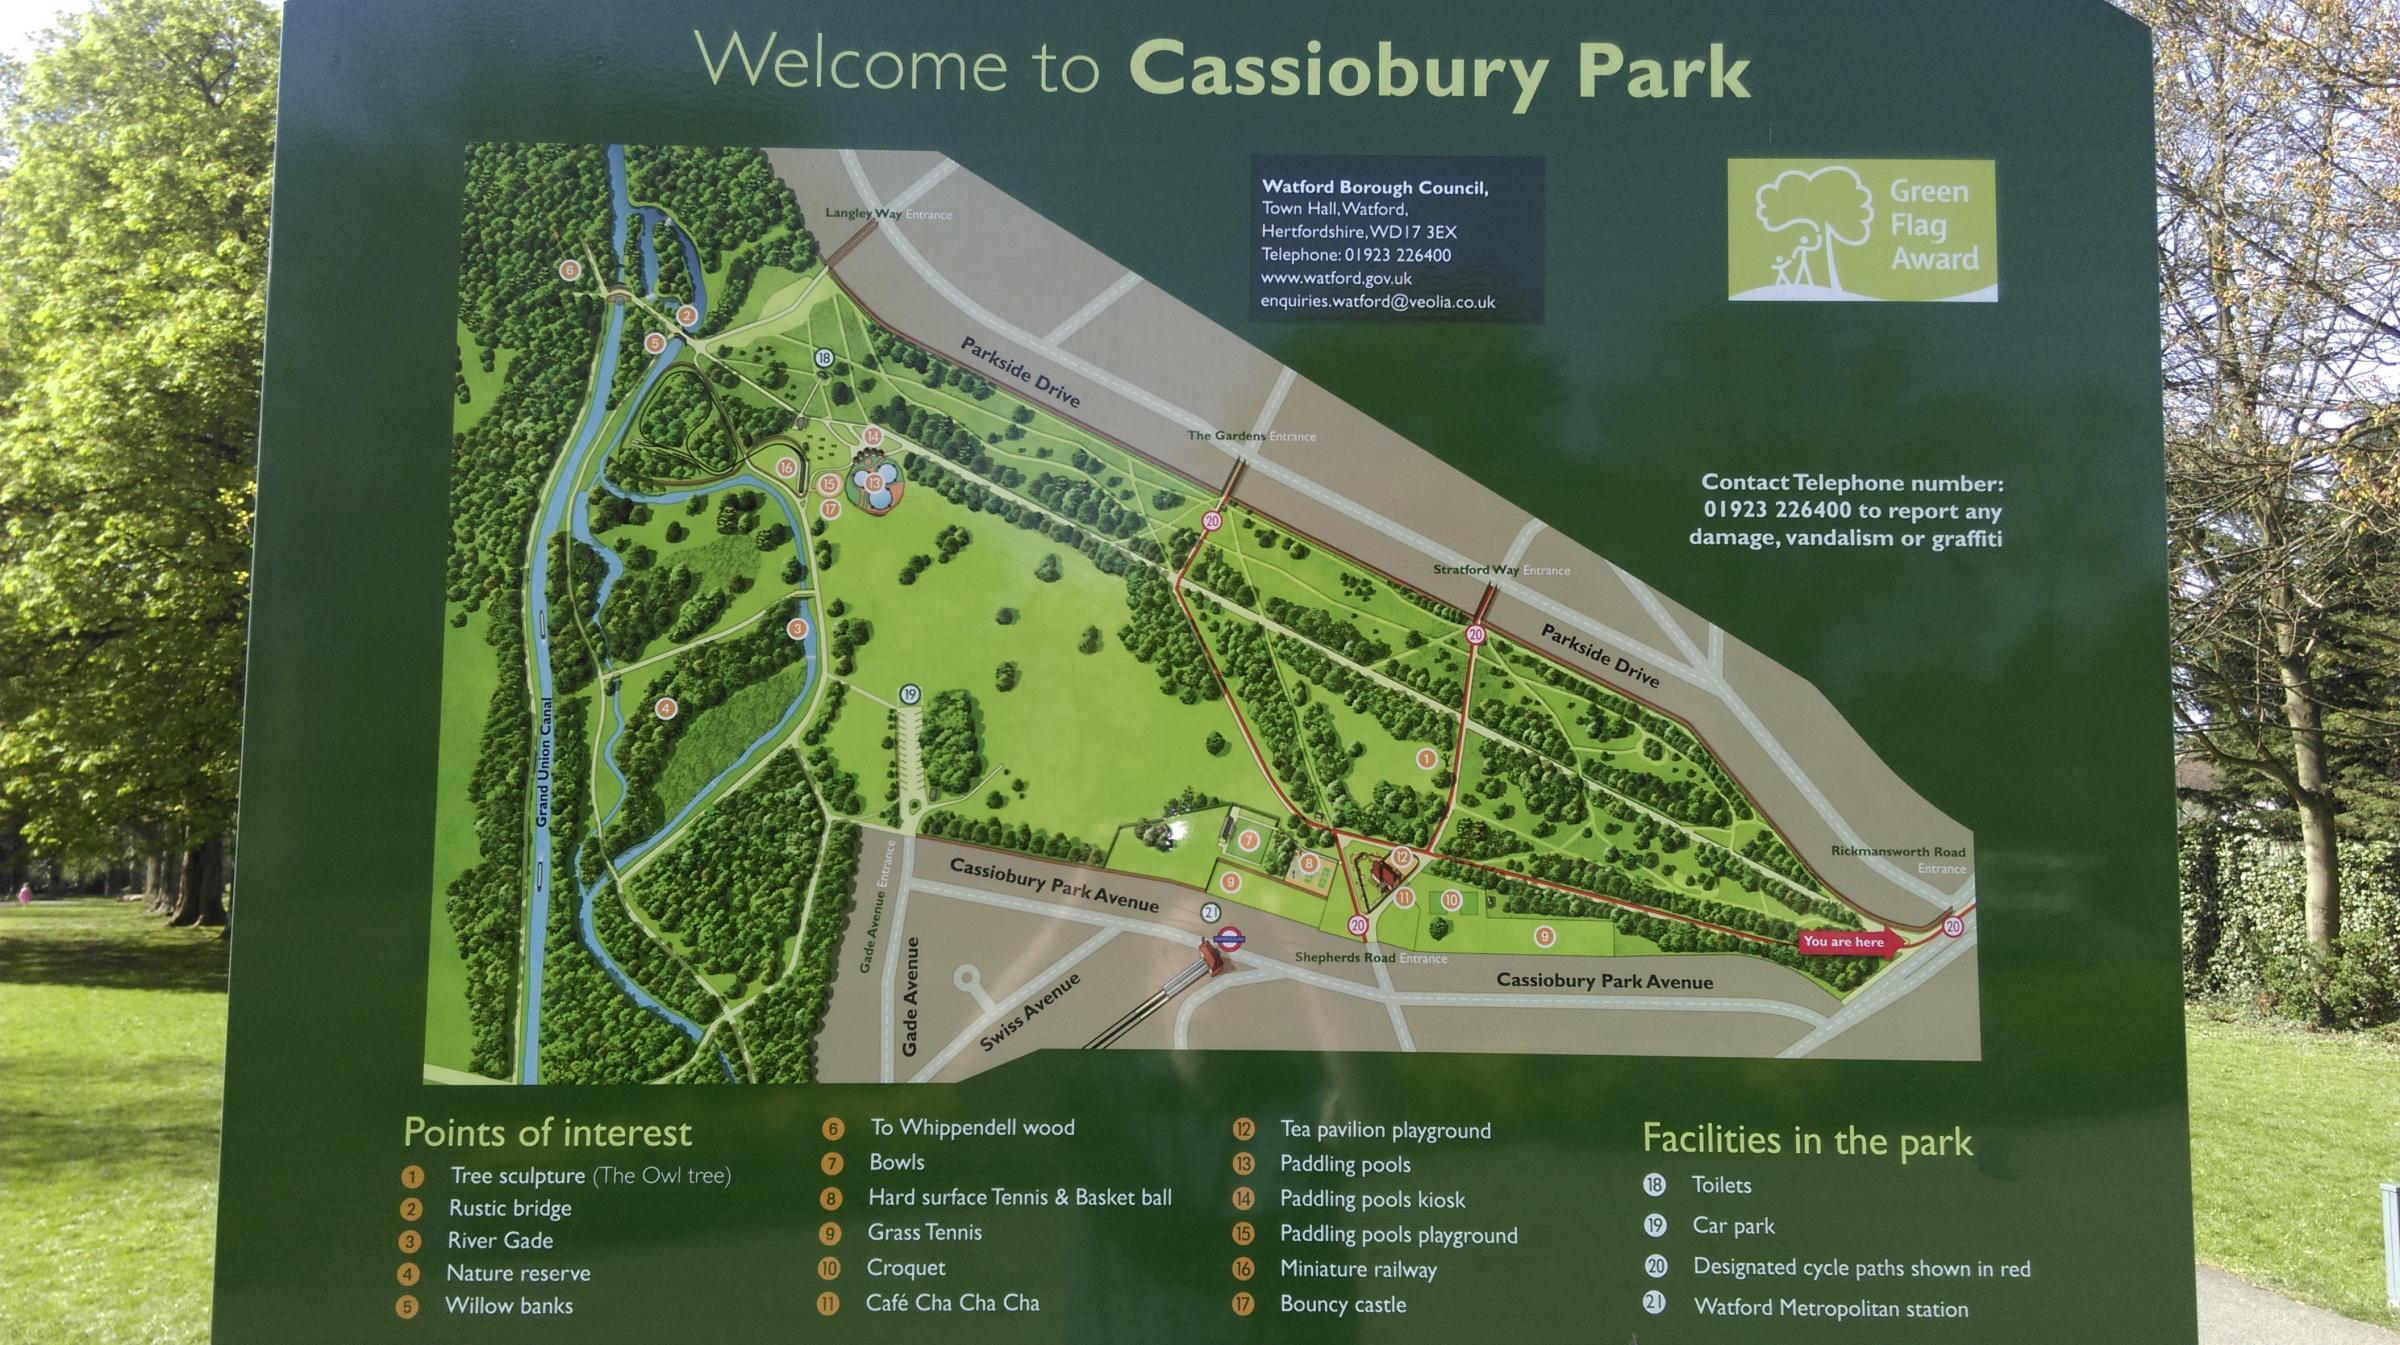 Main car park still closed at Cassiobury Park | Watford Observer